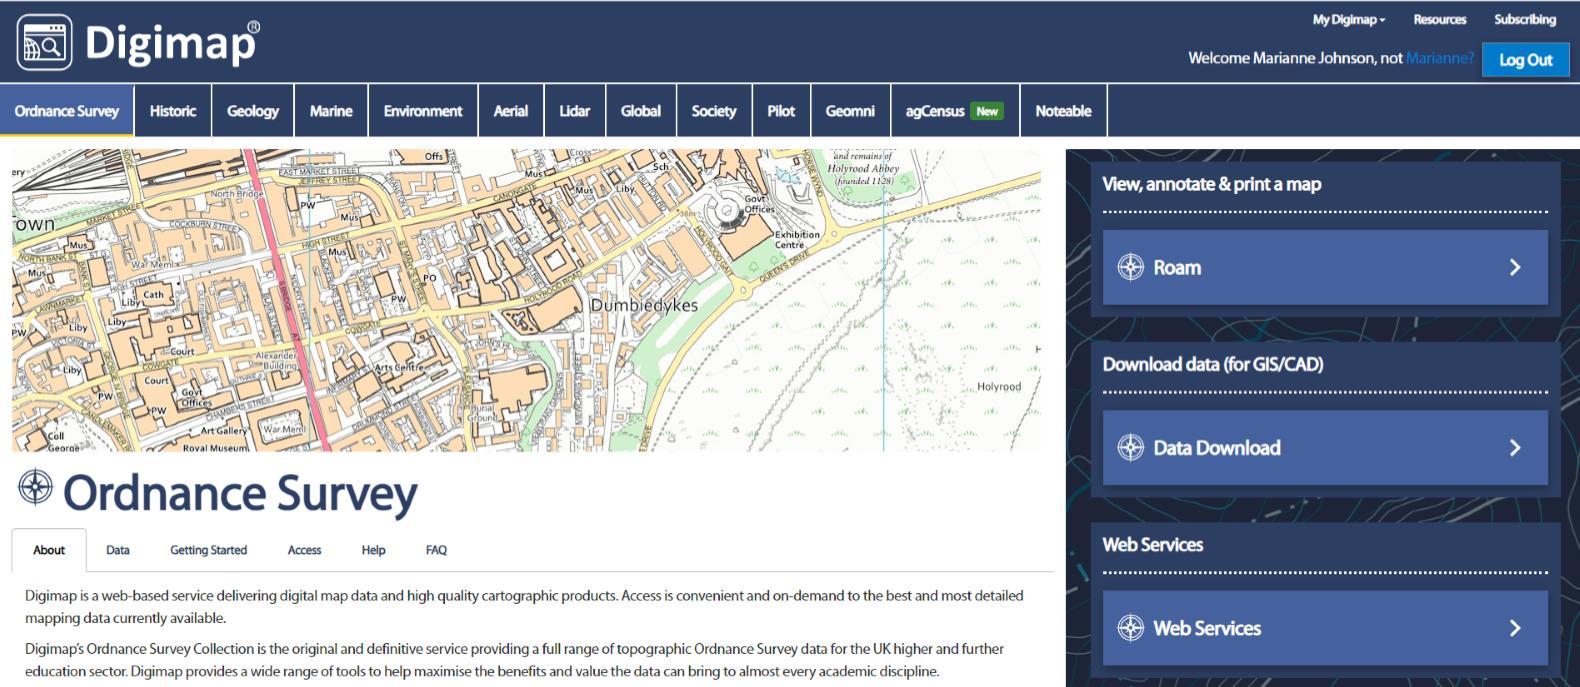 Screenshot of an ordnance survey map on Digimap.